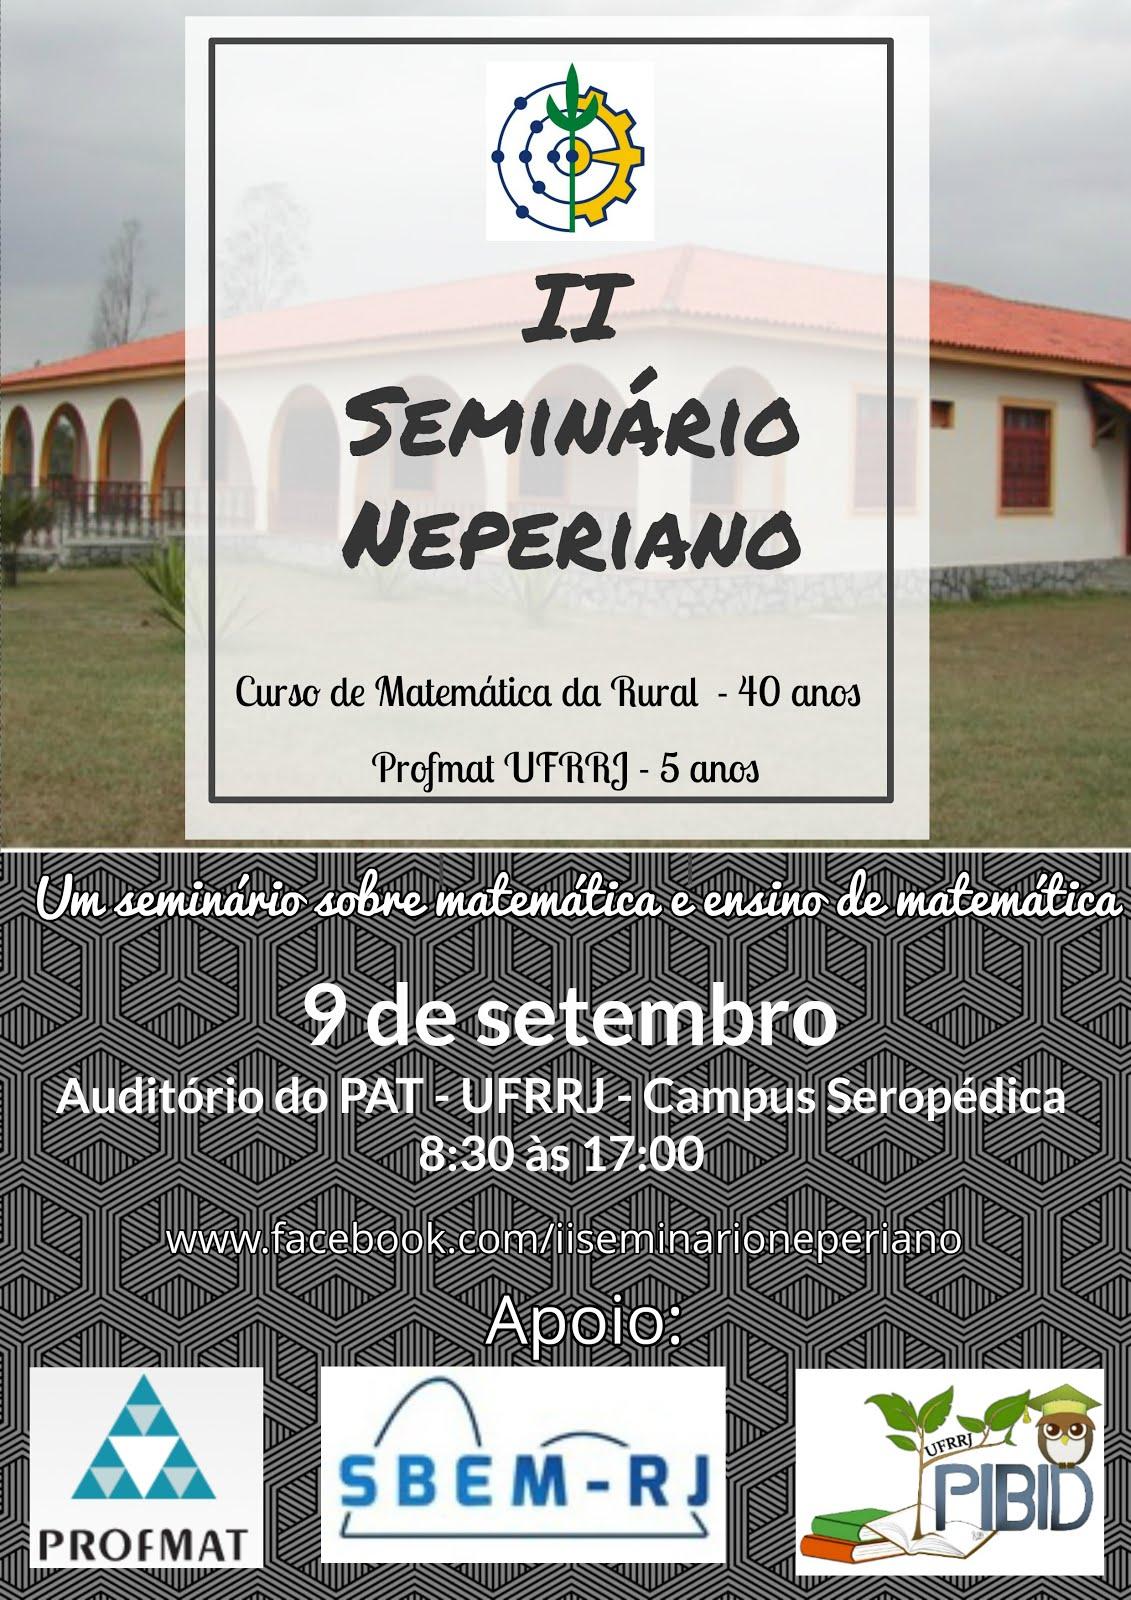 II Seminário Neperiano